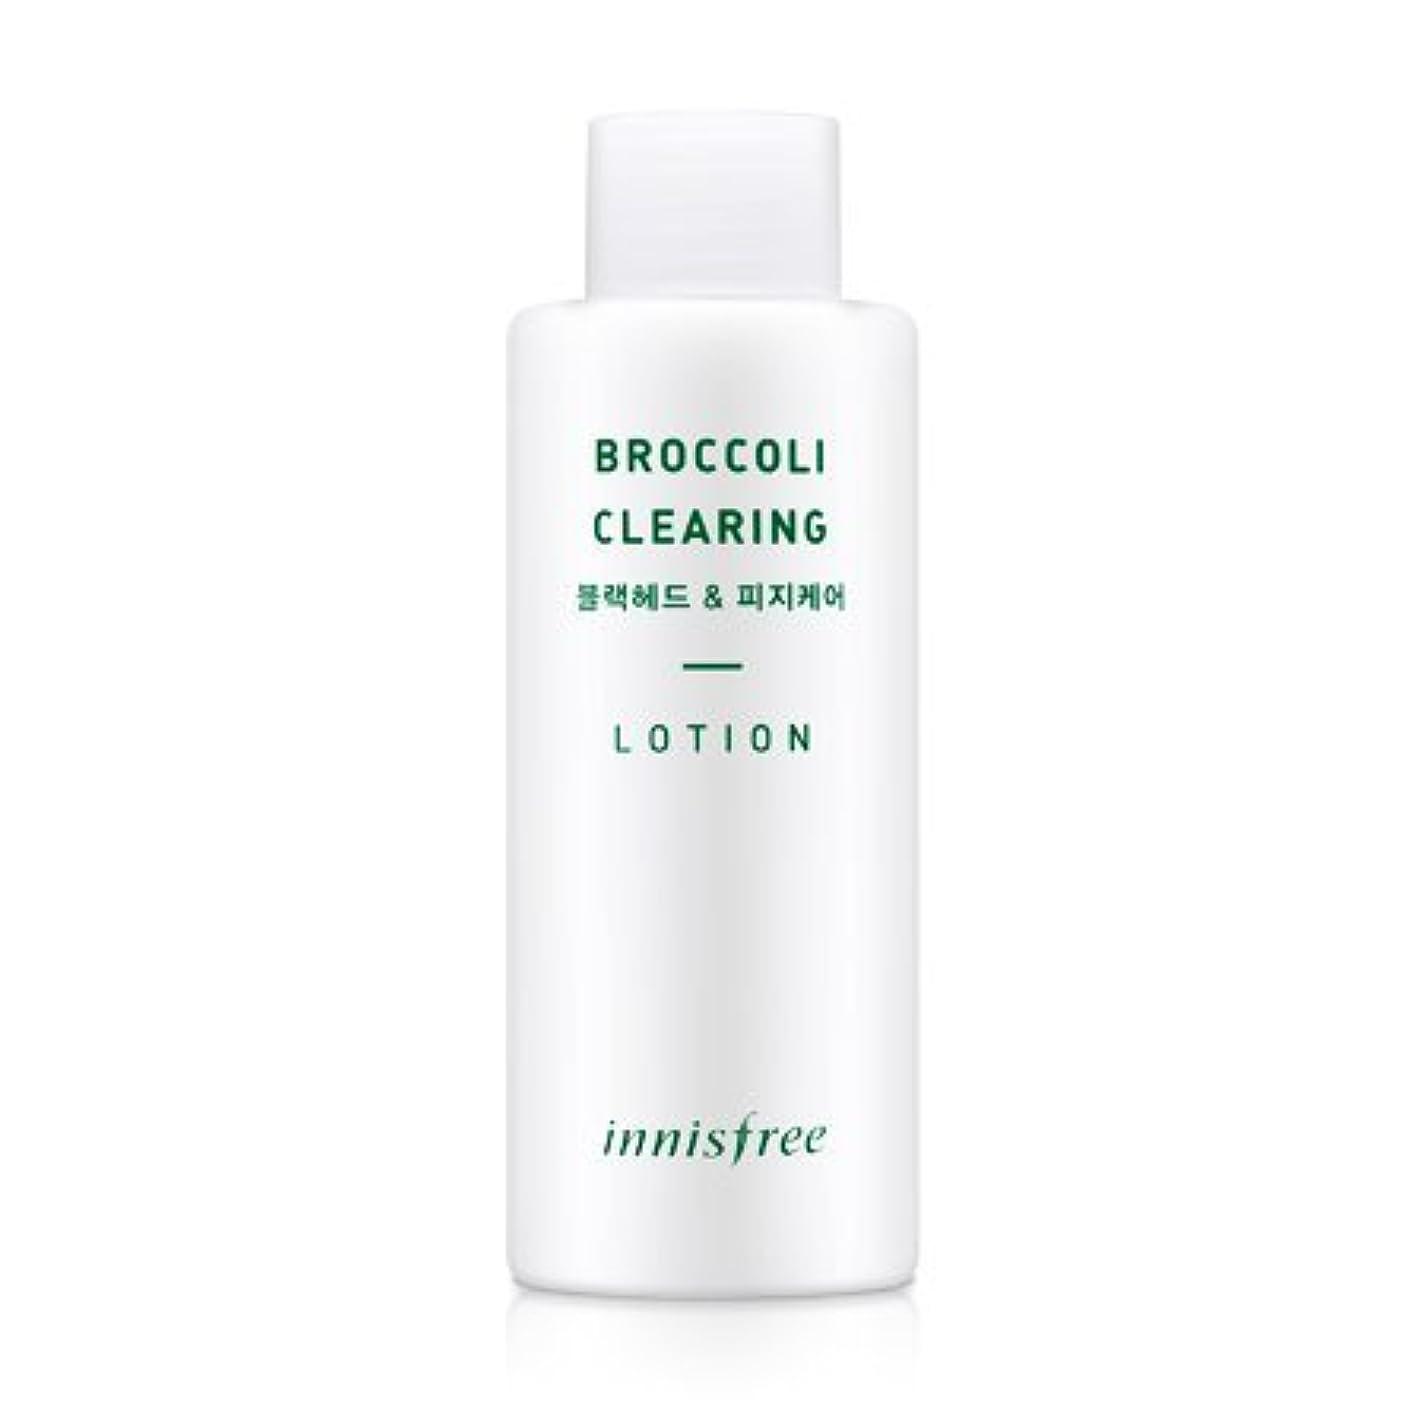 脚本減衰系統的[innisfree(イニスフリー)] Super food_ Broccoli clearing lotion (130ml) スーパーフード_ブロッコリー クリアリング?ローション[並行輸入品][海外直送品]